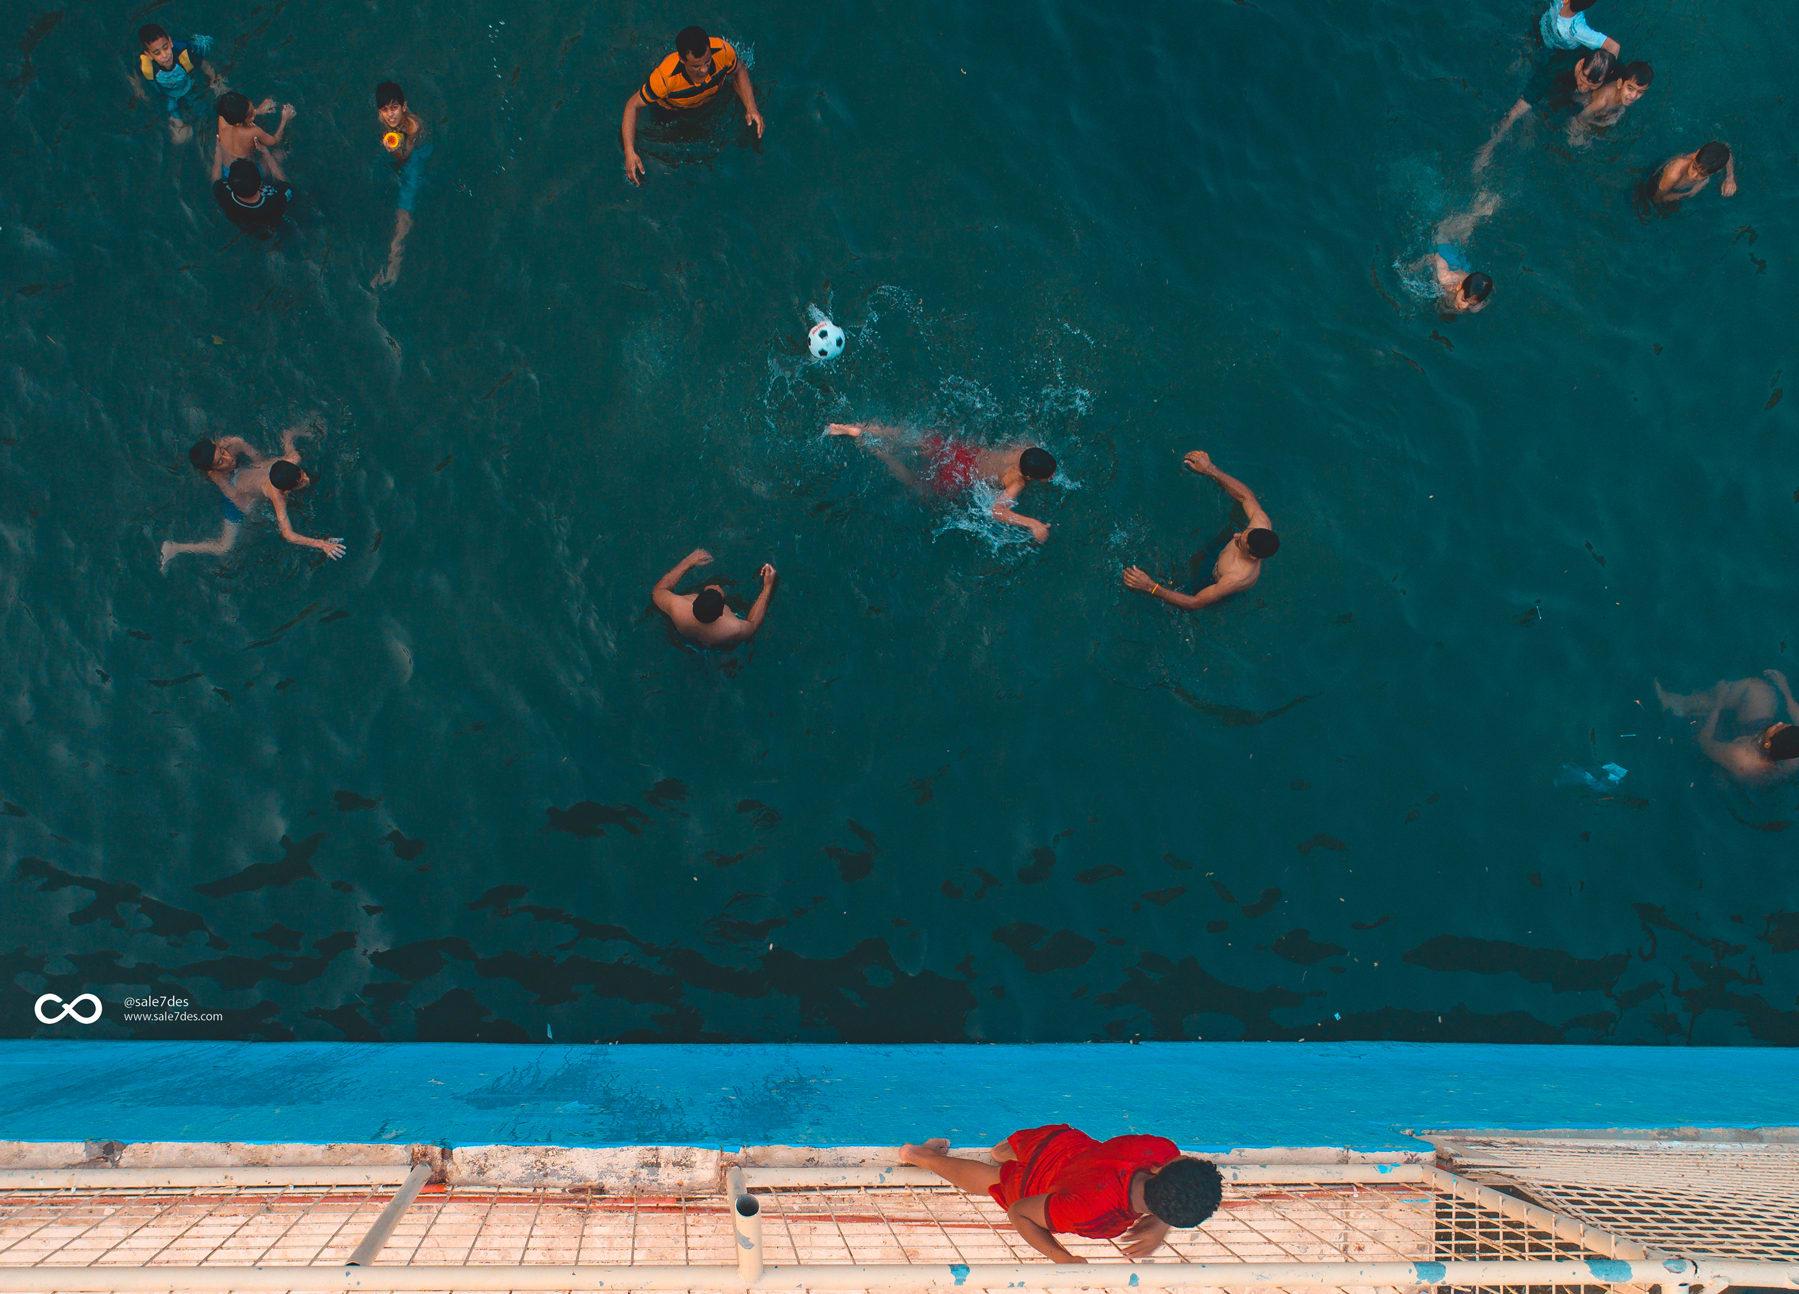 عيون الأحساء..هنا يسبح السعوديون خلال فصل الصيف